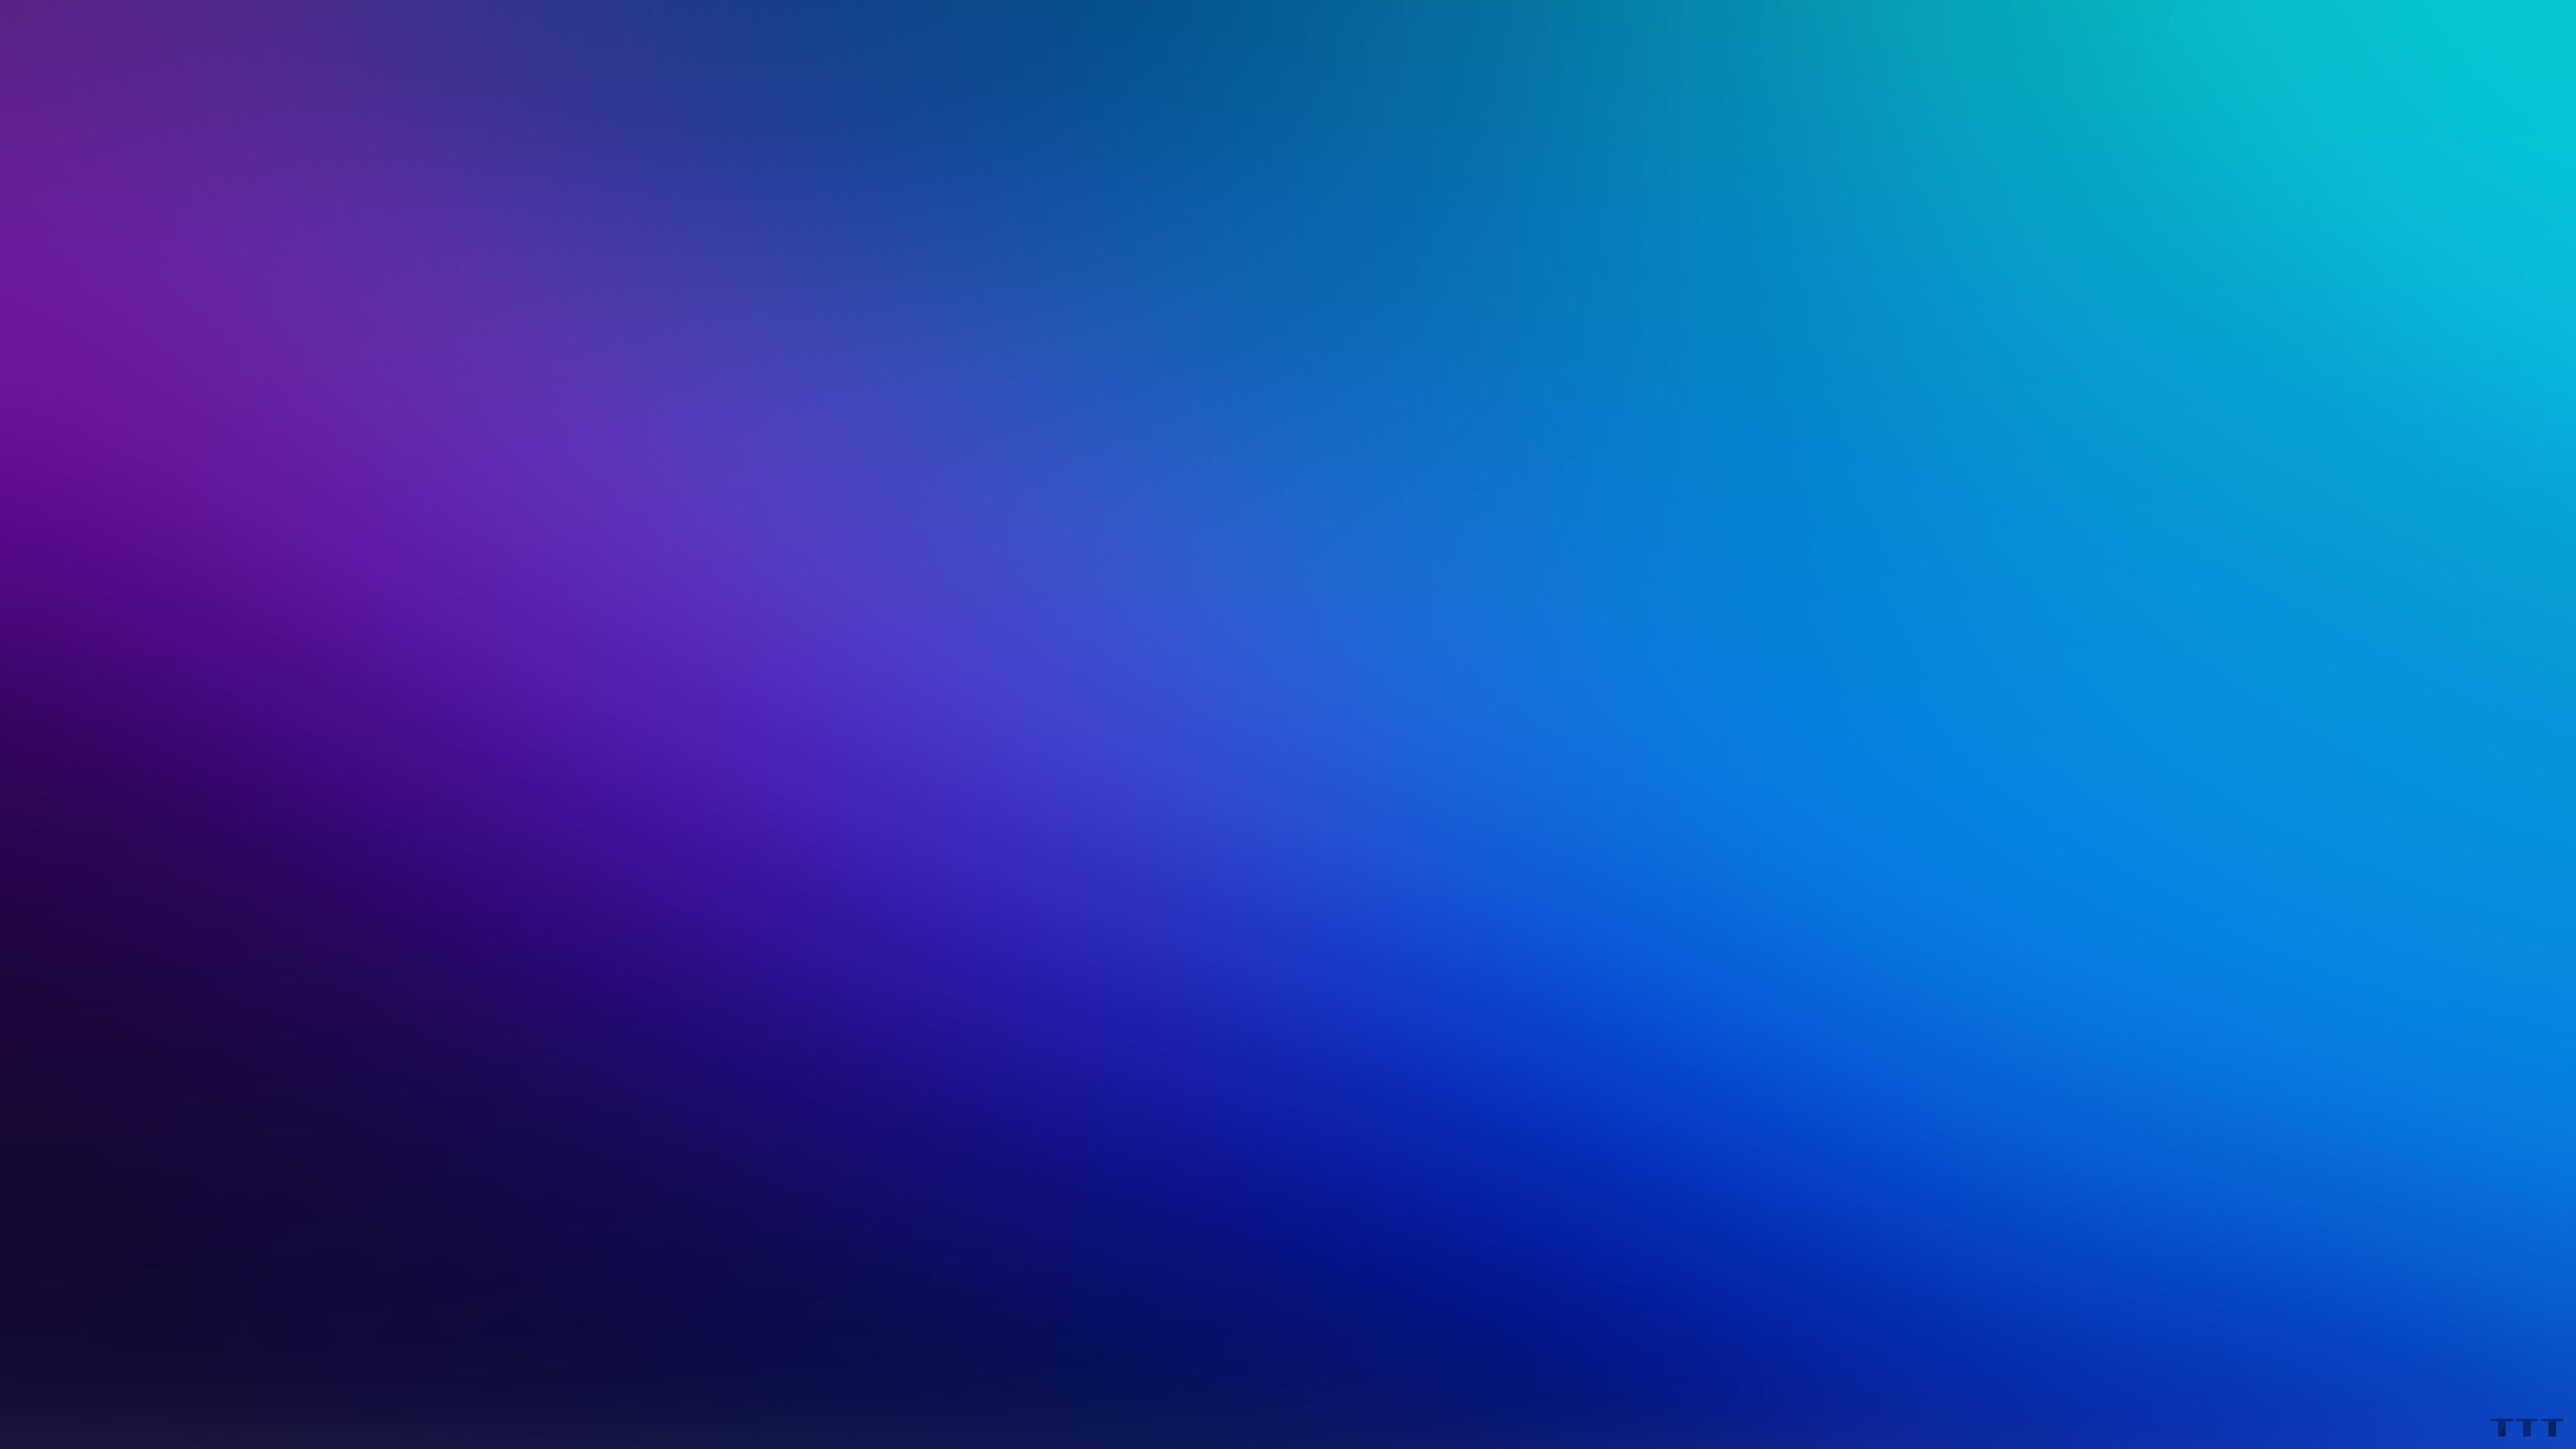 green blue violet gradient 8k 1539371580 - Green Blue Violet Gradient 8k - hd-wallpapers, gradient wallpapers, blur wallpapers, abstract wallpapers, 8k wallpapers, 5k wallpapers, 4k-wallpapers